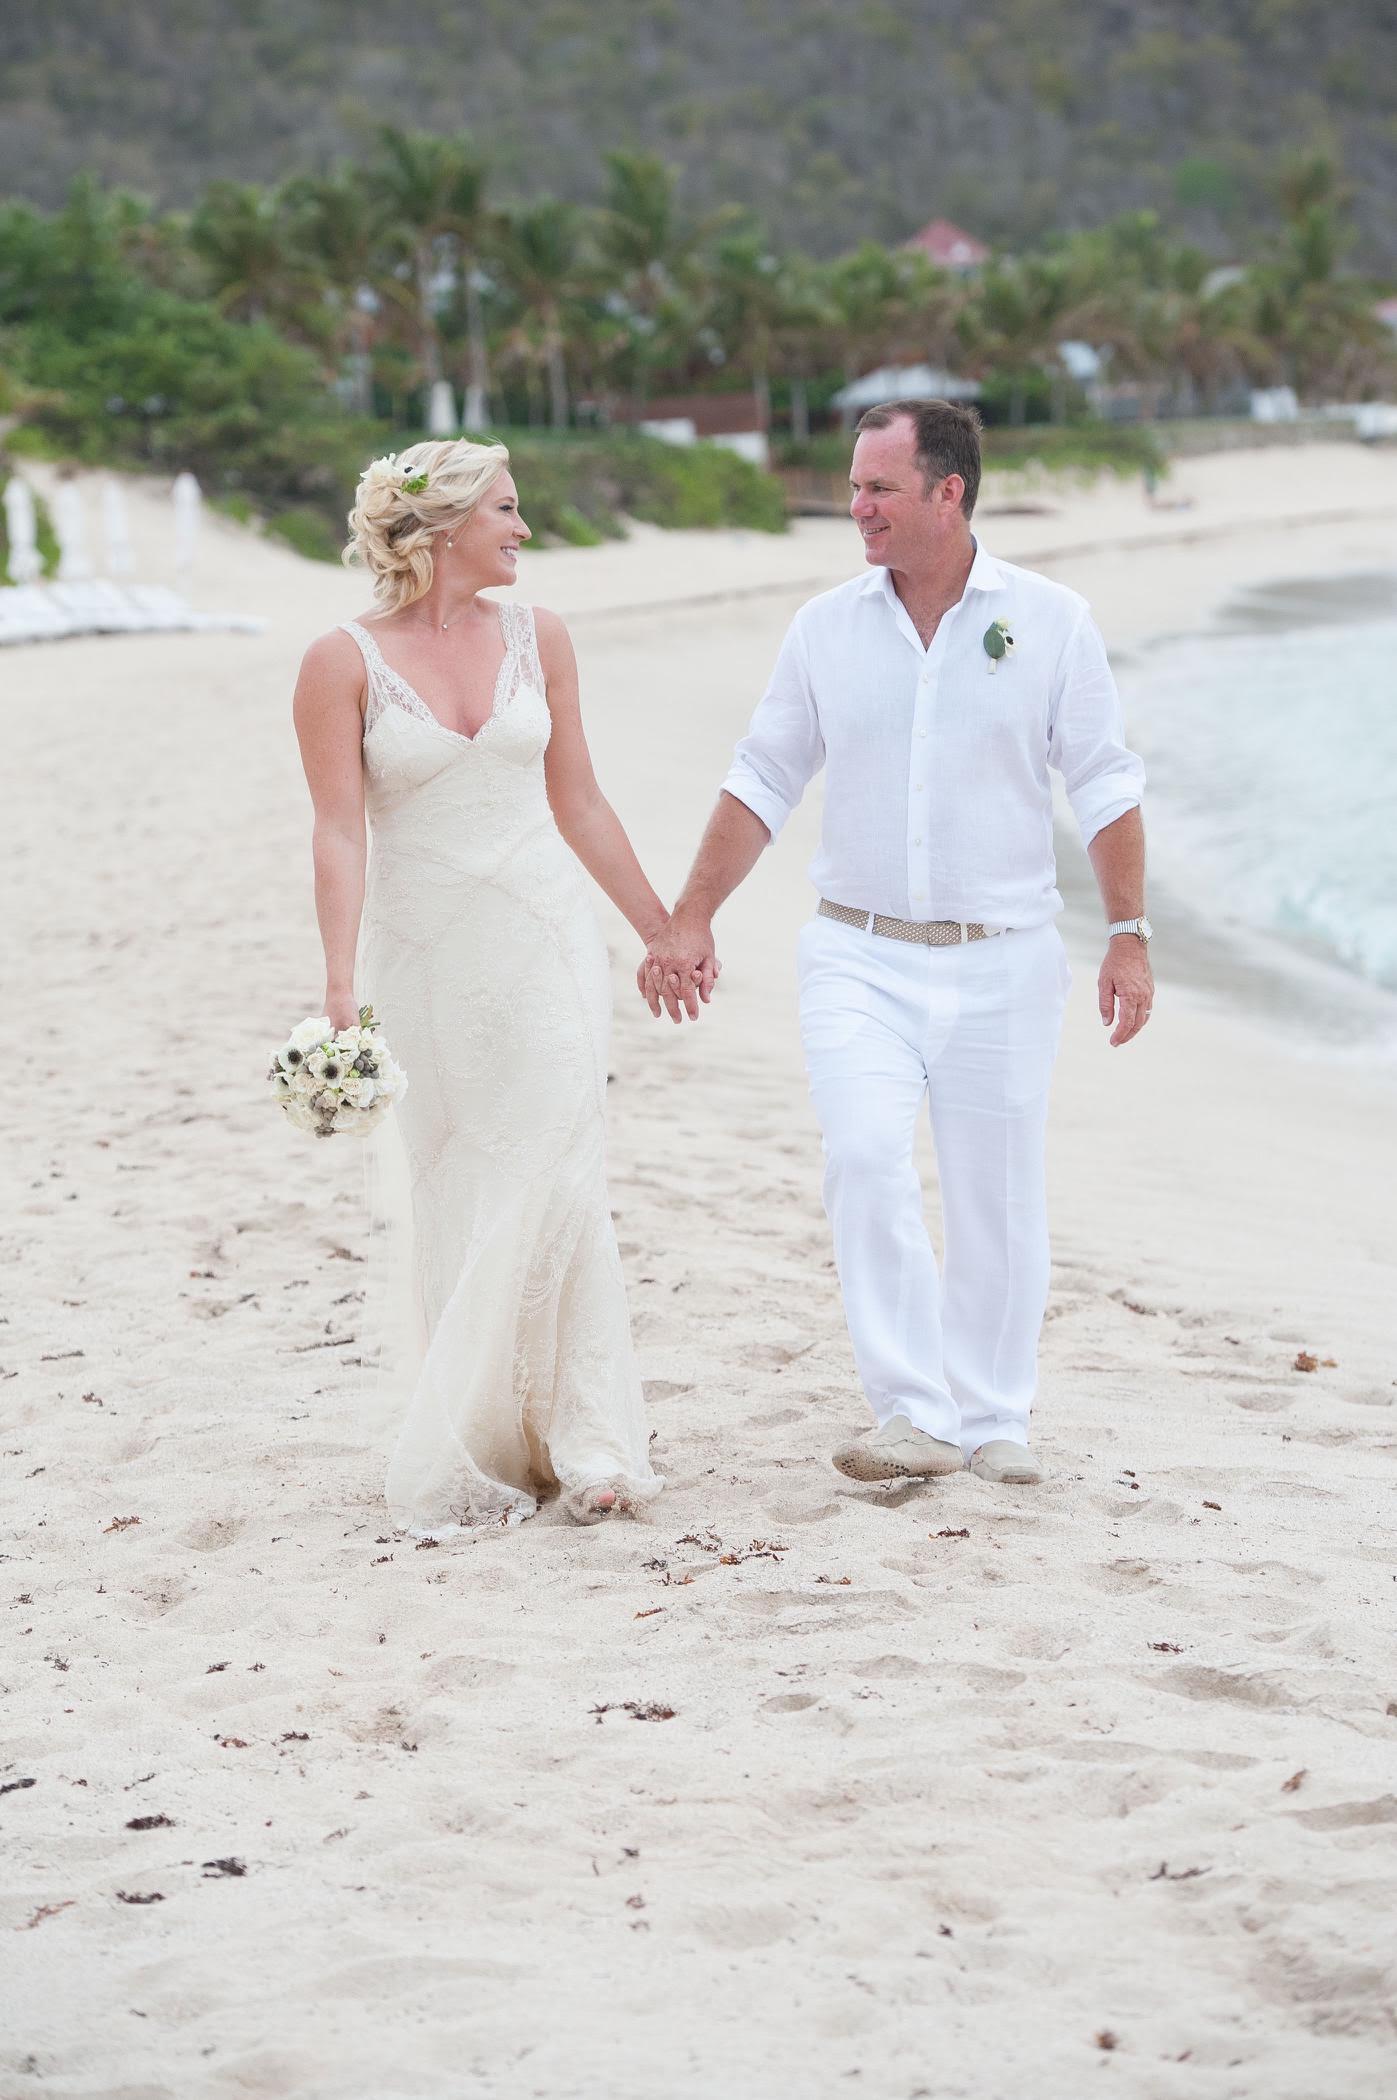 casual beach destination wedding dresses destination wedding dresses Destination Wedding Dresses Canada